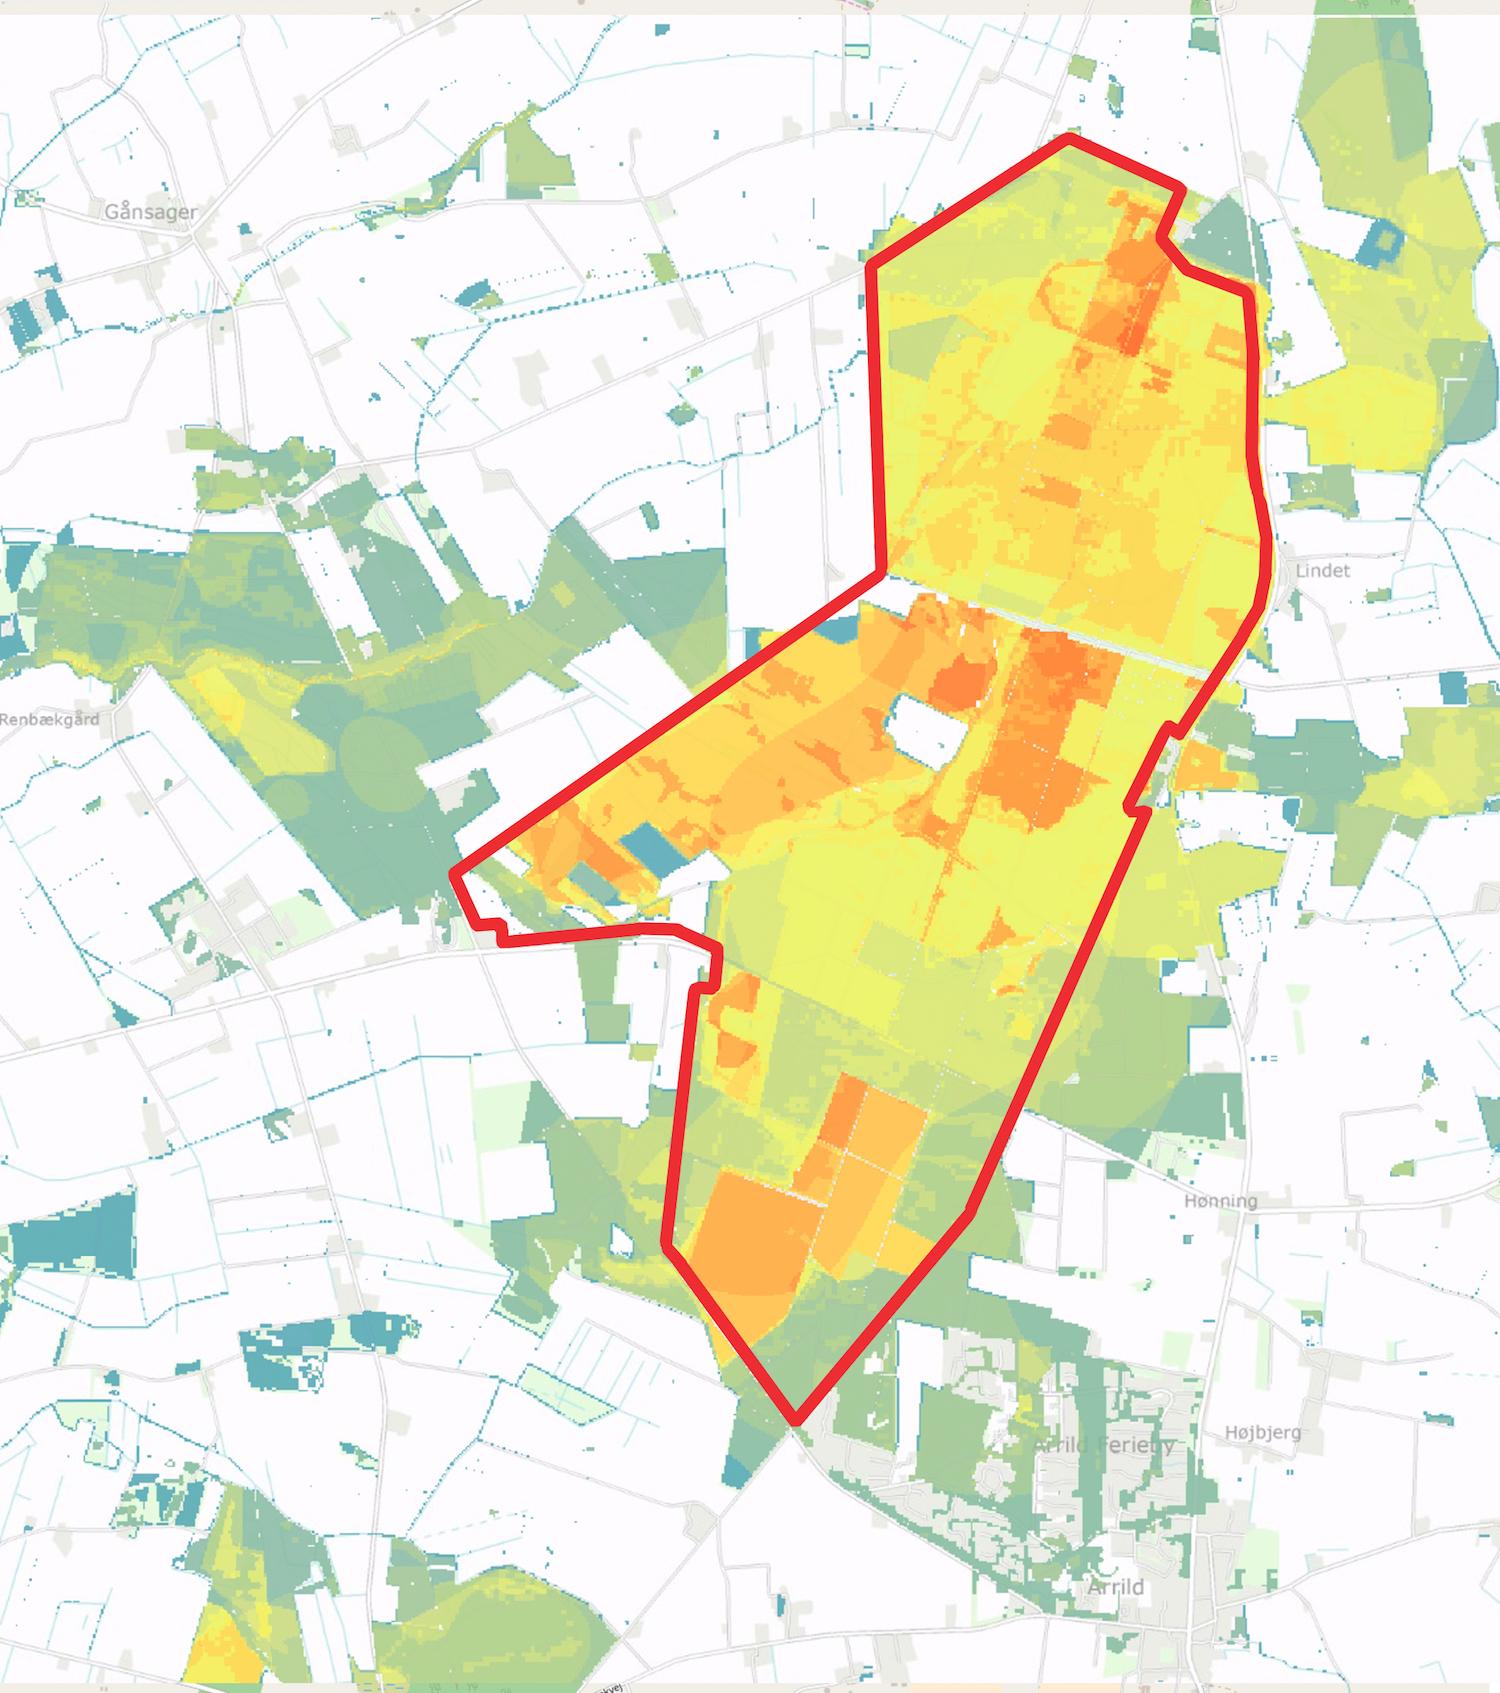 At forslaget til Naturnationalpark Lindet Skov & Hønning Mose inkluderer nogel af de væsentligtste naturværdier, fremgår af dette kort over områdets bioscore (et mål for koncentrationen af truede arter og potentielle levesteder for truede arter – jo varmere farve, desto højere værdi).